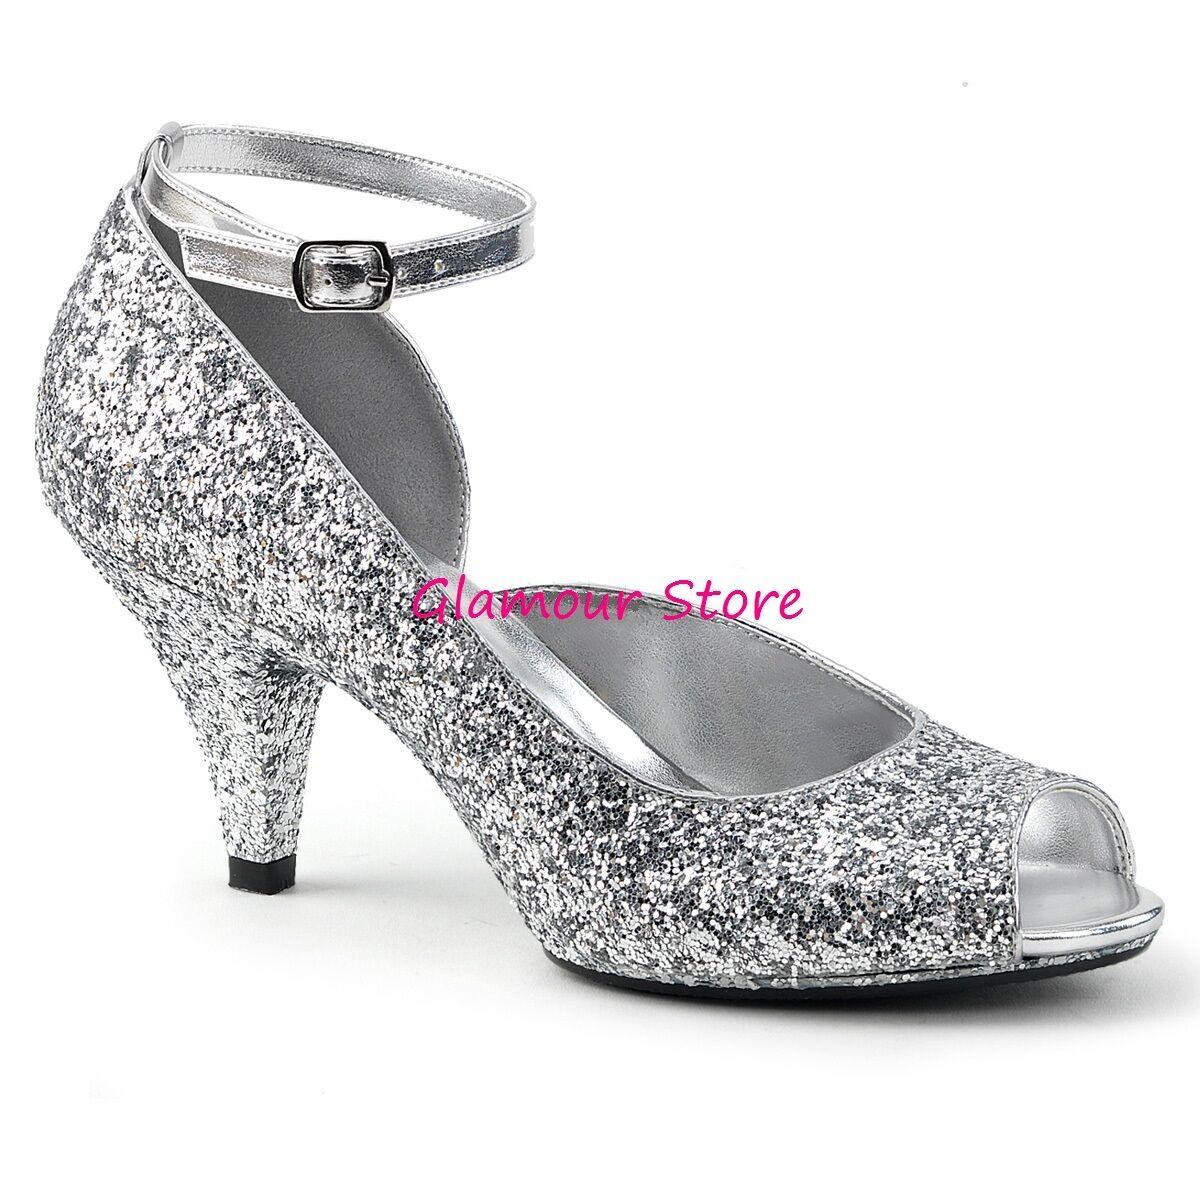 Sexy DECOLTE' GLITTER tacco 7,5 dal 35 al 46 silver cinturino shoes GLAMOUR